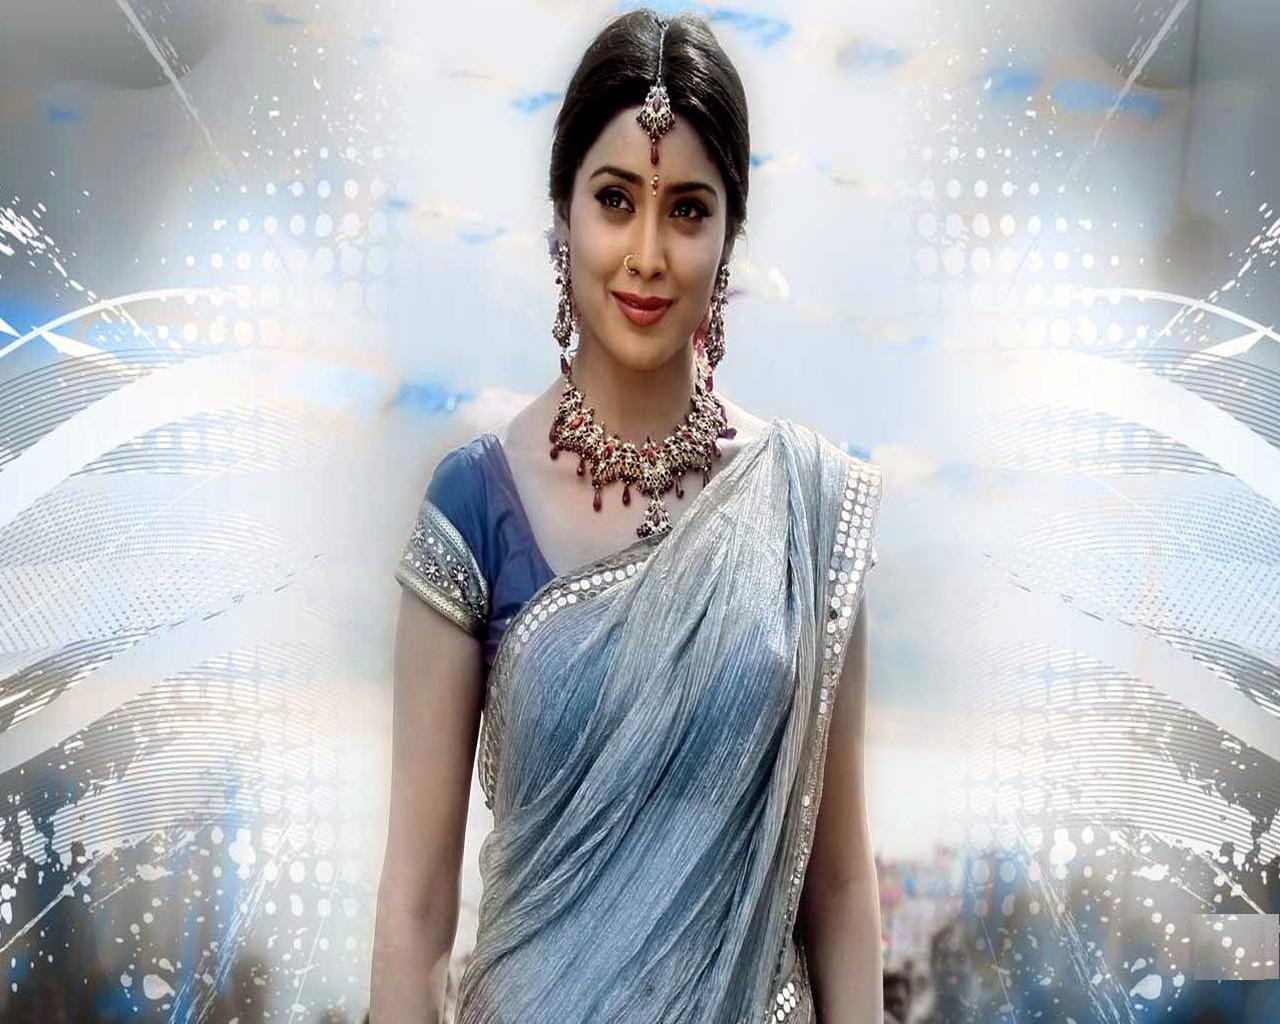 http://3.bp.blogspot.com/-Hbcsj5V-J1M/TXDgNoZunVI/AAAAAAAADzY/byON_i3WNfw/s1600/Shriya_Saran_pic.jpg